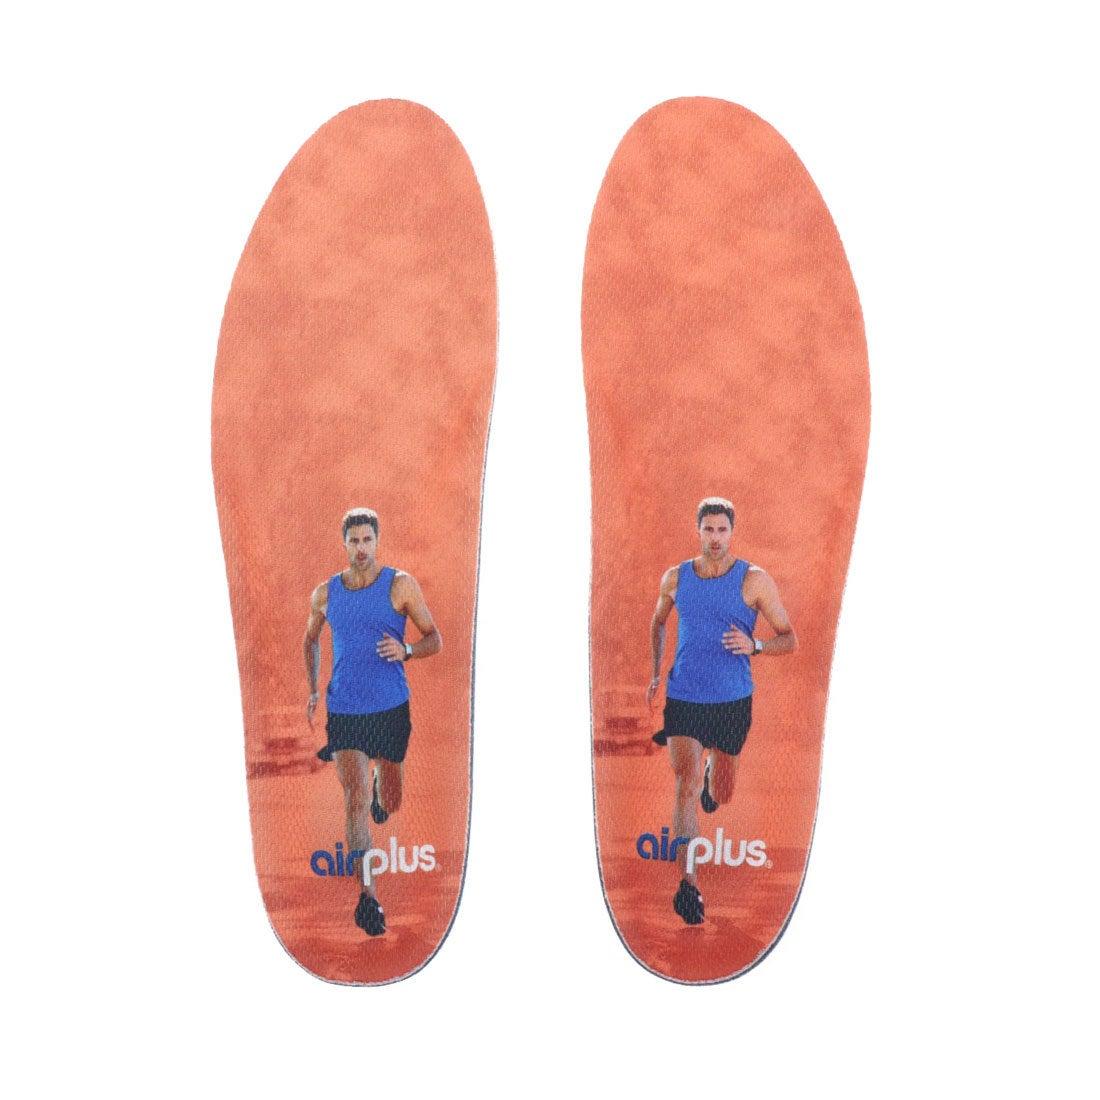 ロコンド 靴とファッションの通販サイトエアープラス airplus メンズ インソール ウルトラスポーツ男性用 20461 ミフト mift